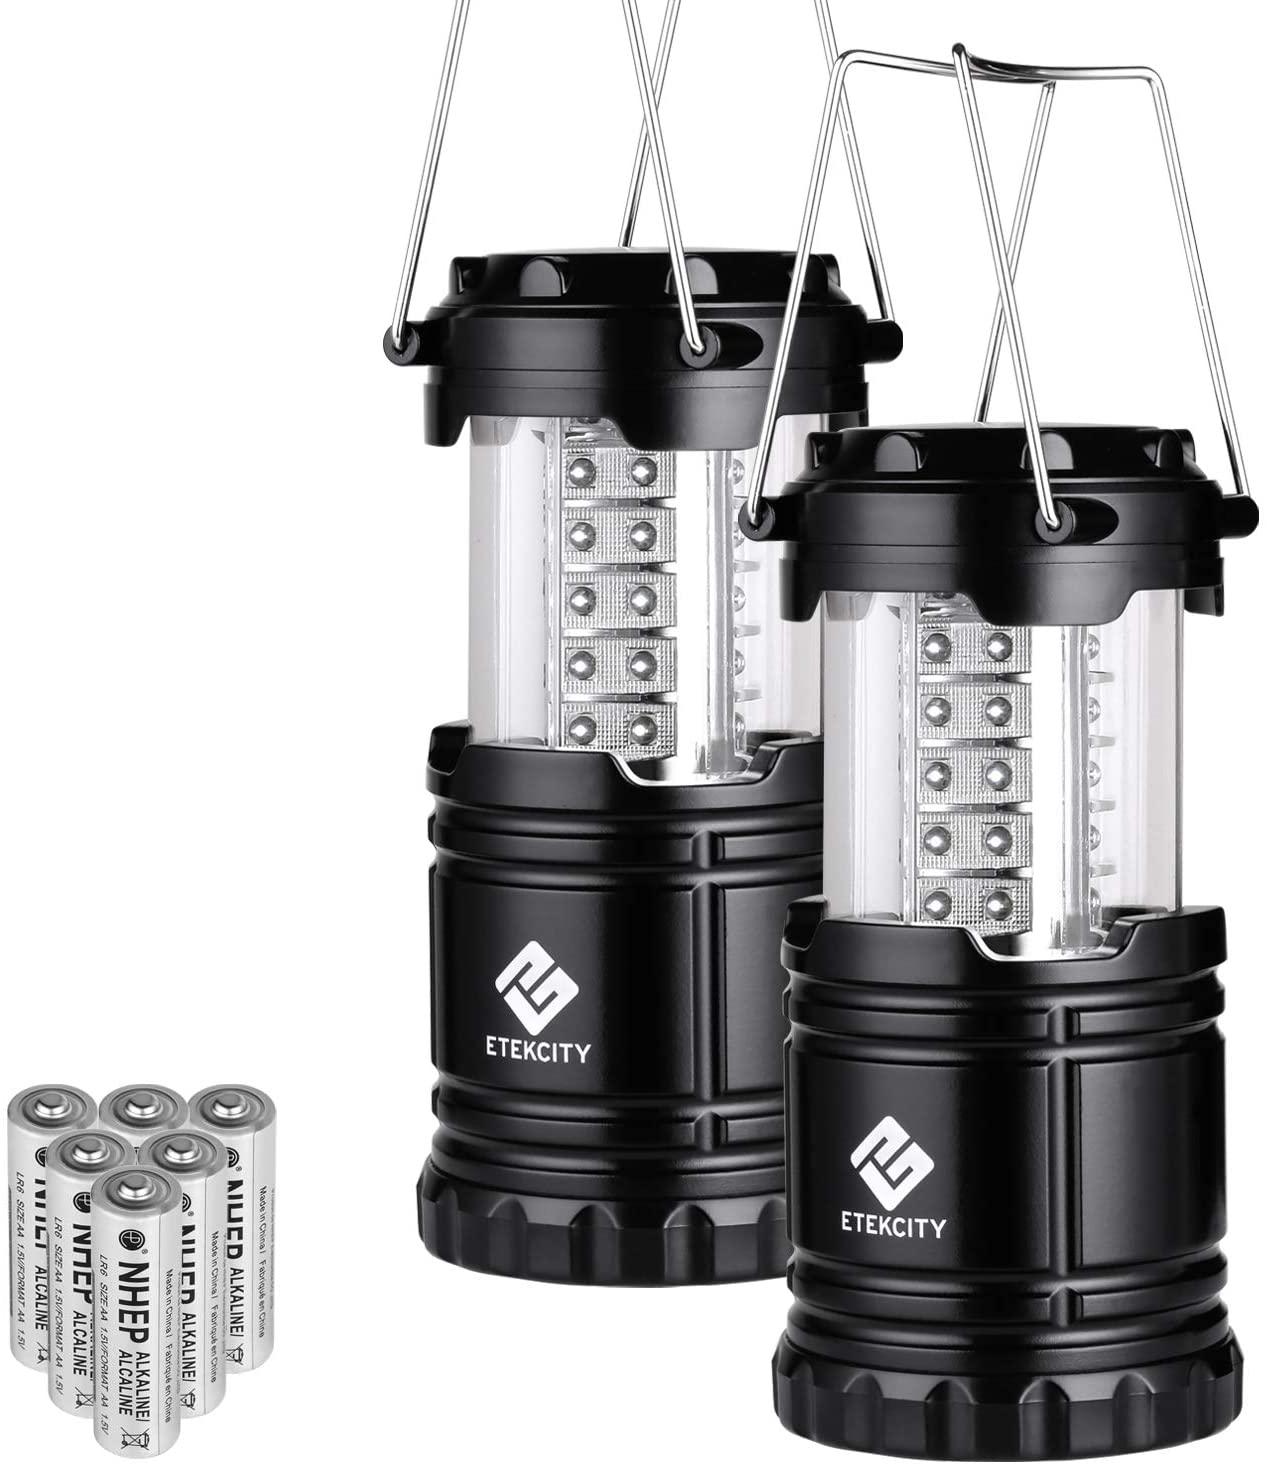 Etekcity LED Lanterns